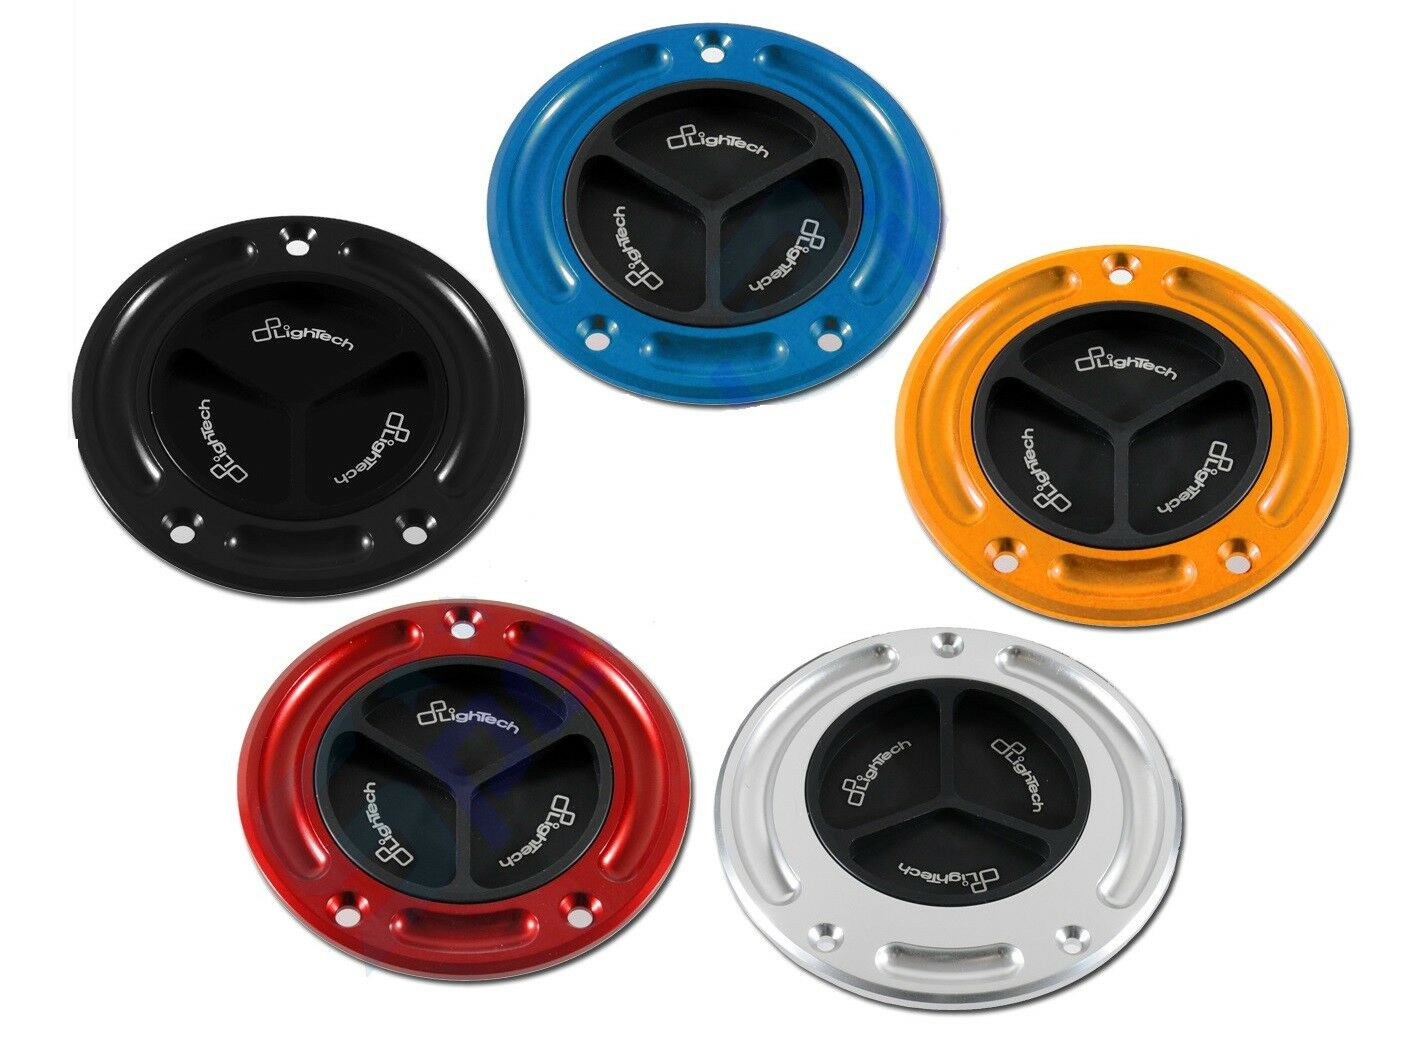 kompatibel mit Suzuki bis 2002 einschlie/ßlich und VSTROM bis 2011. Aufkleber f/ür Tankdeckel Harz